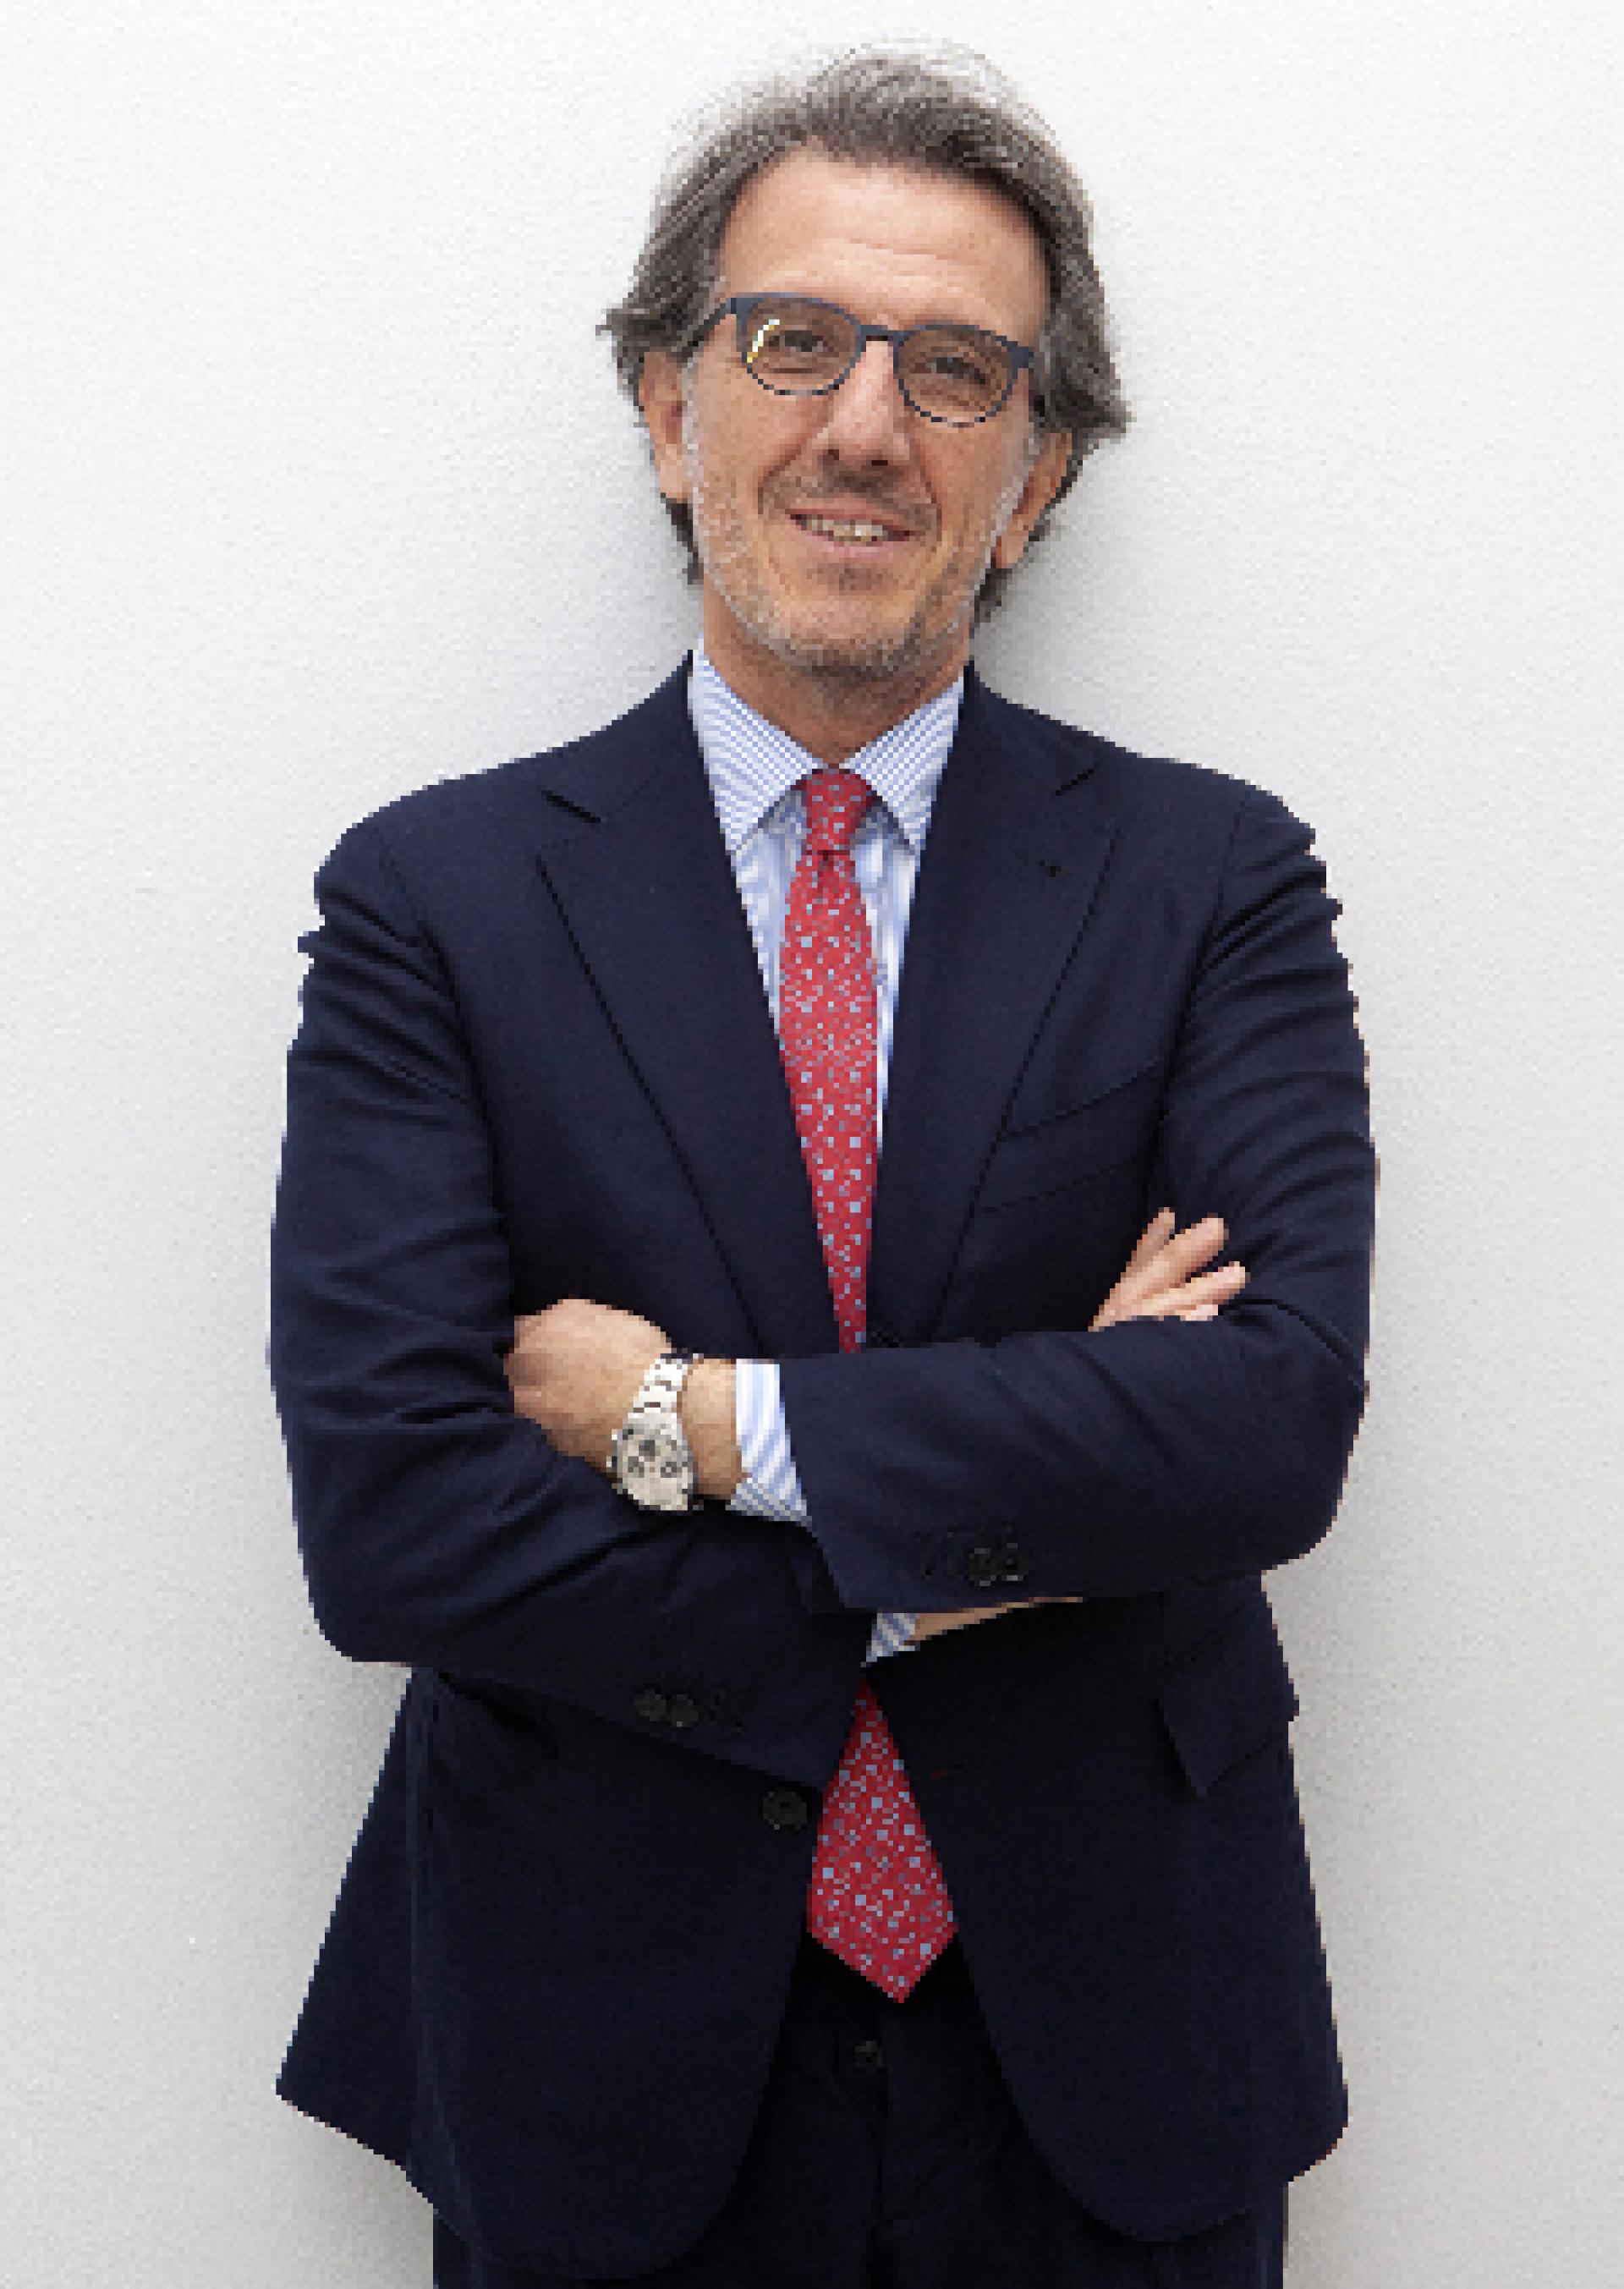 Zefferino Monini